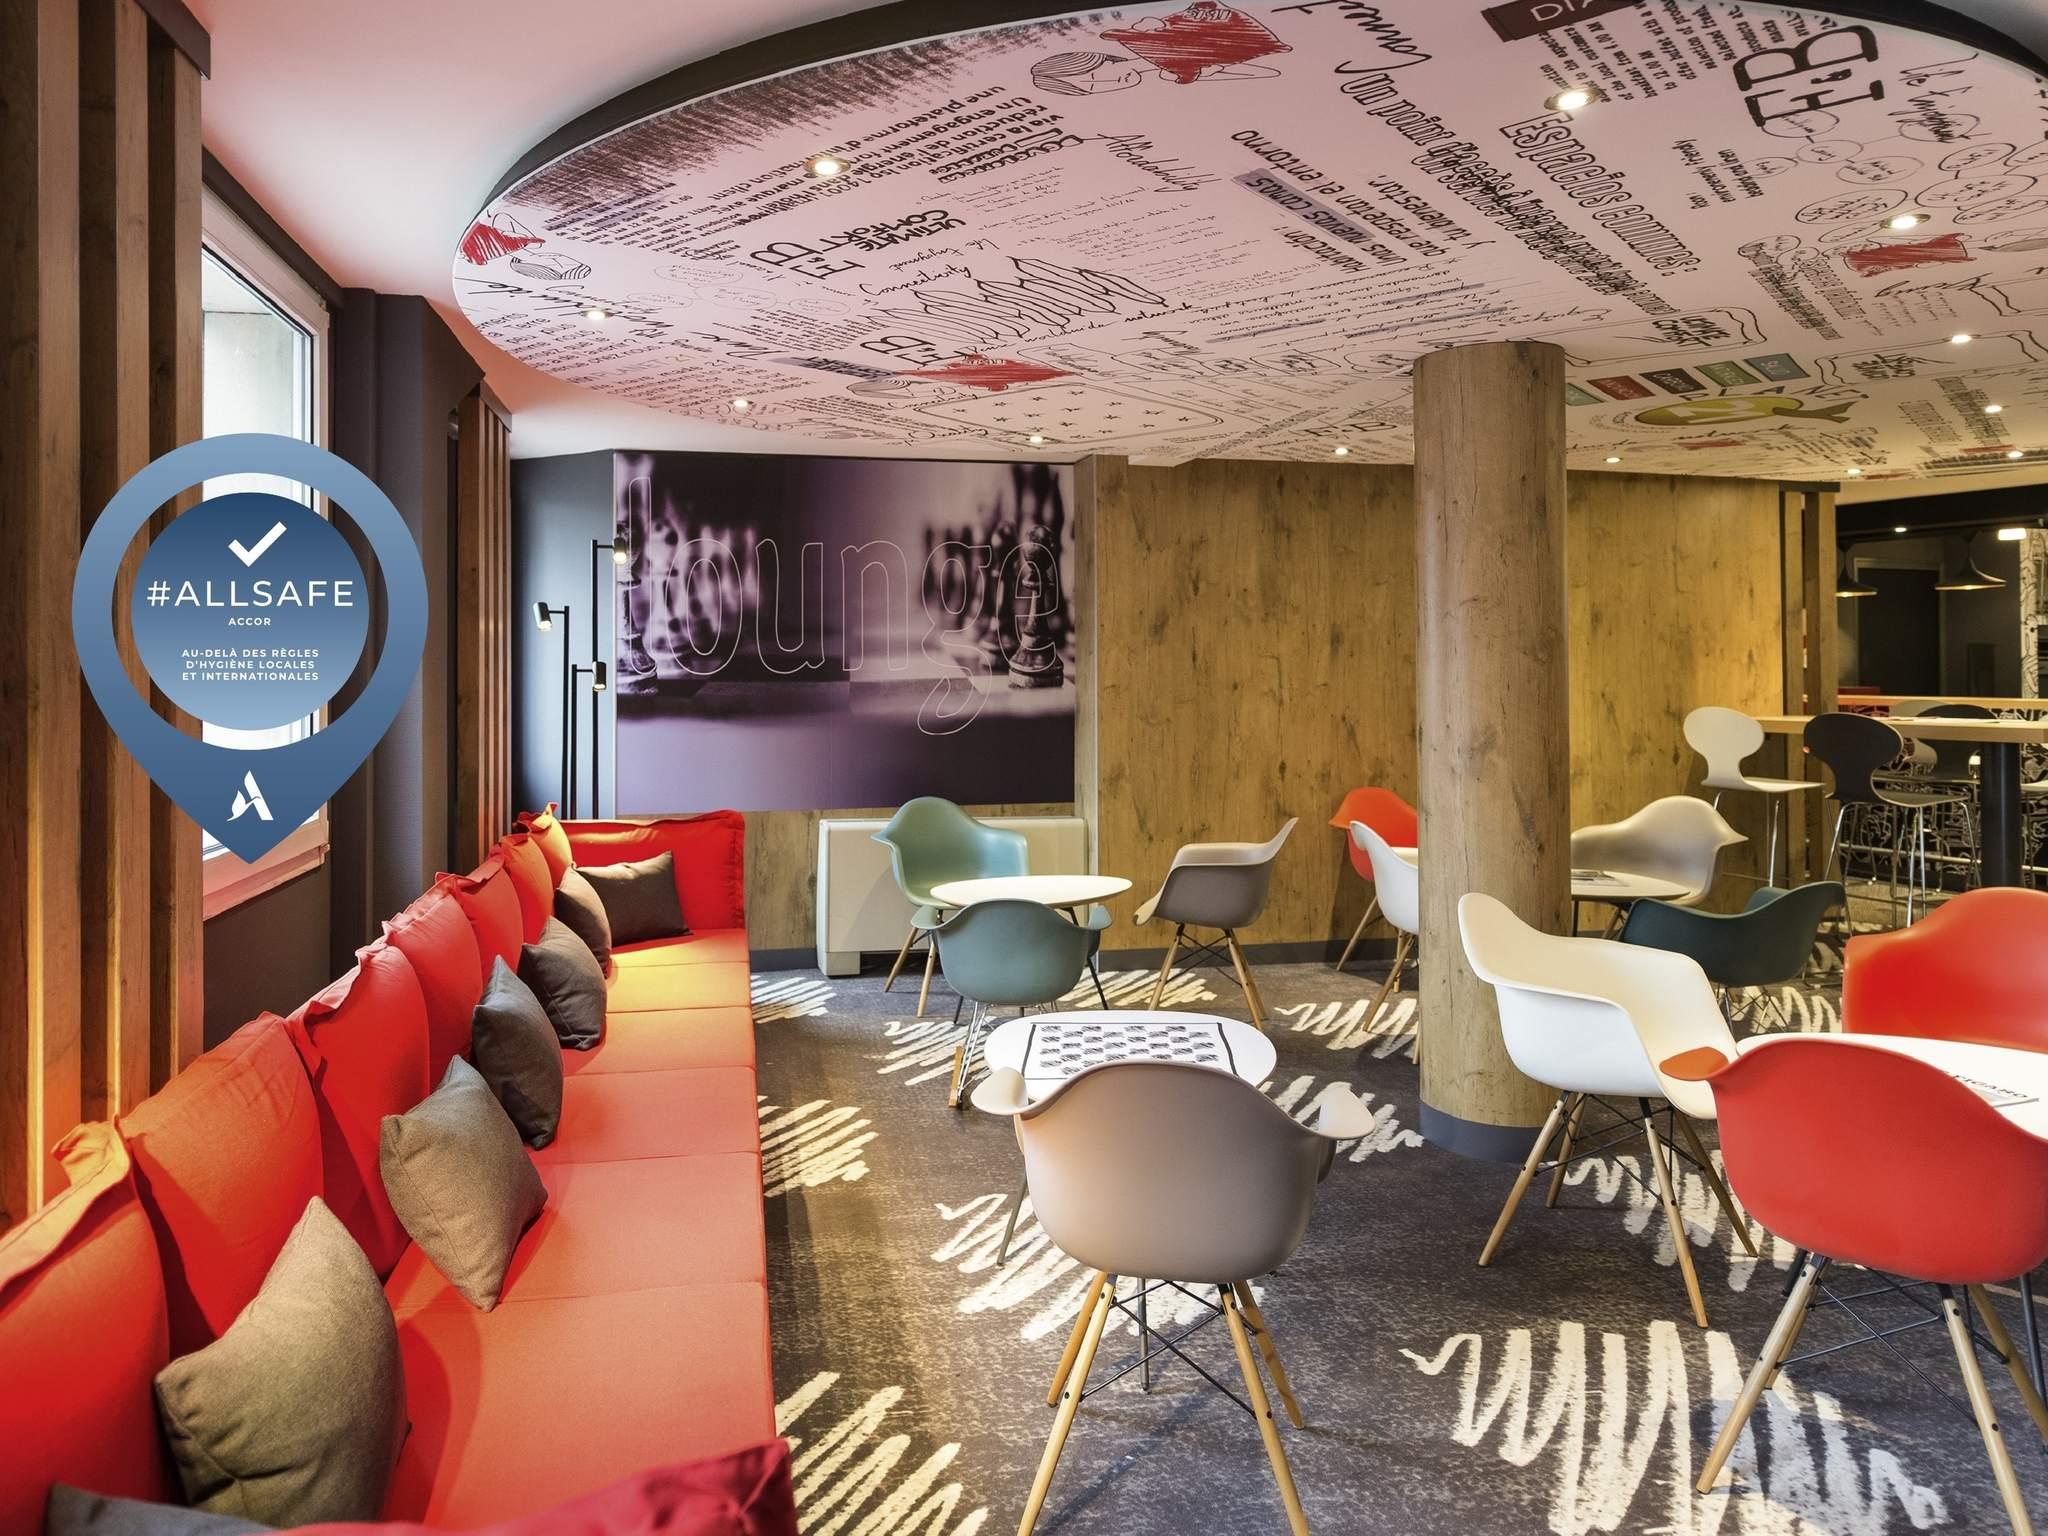 โรงแรม – ไอบิส ปารีส บรานซิออน ปาร์ค เดอ เอ็กซ์โปซิสิยง 15 เอเม่